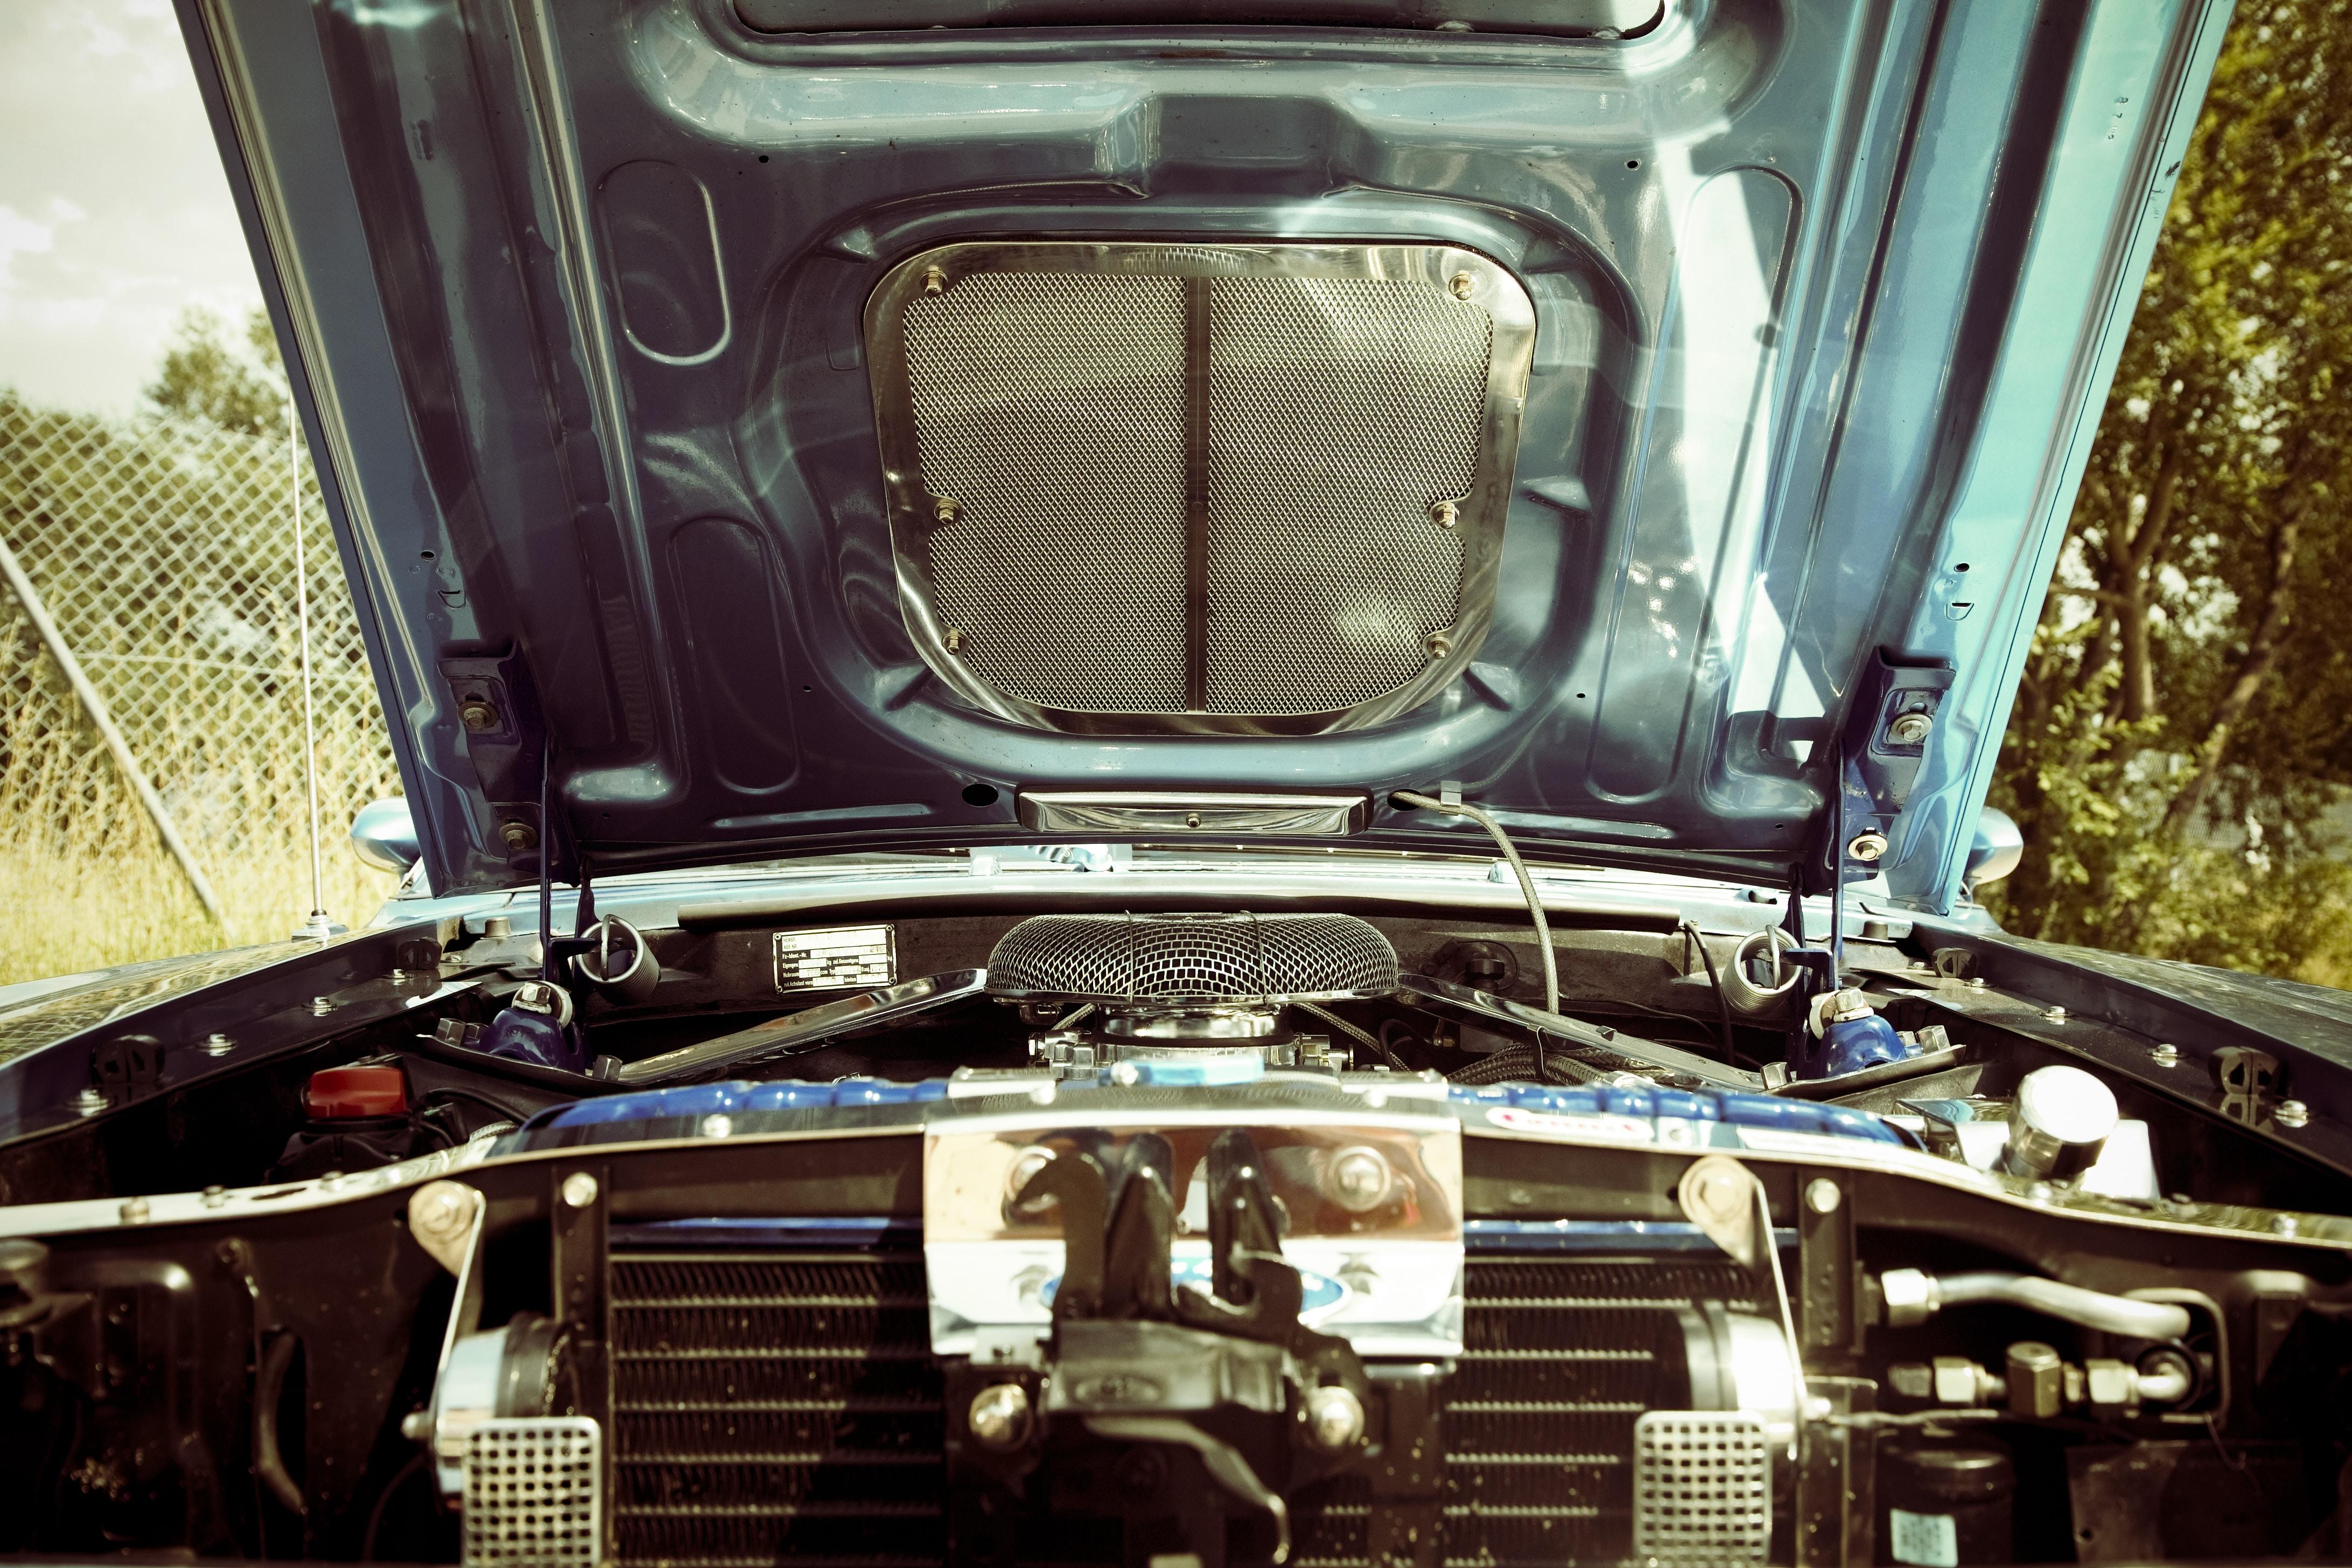 open hood vehicle engine